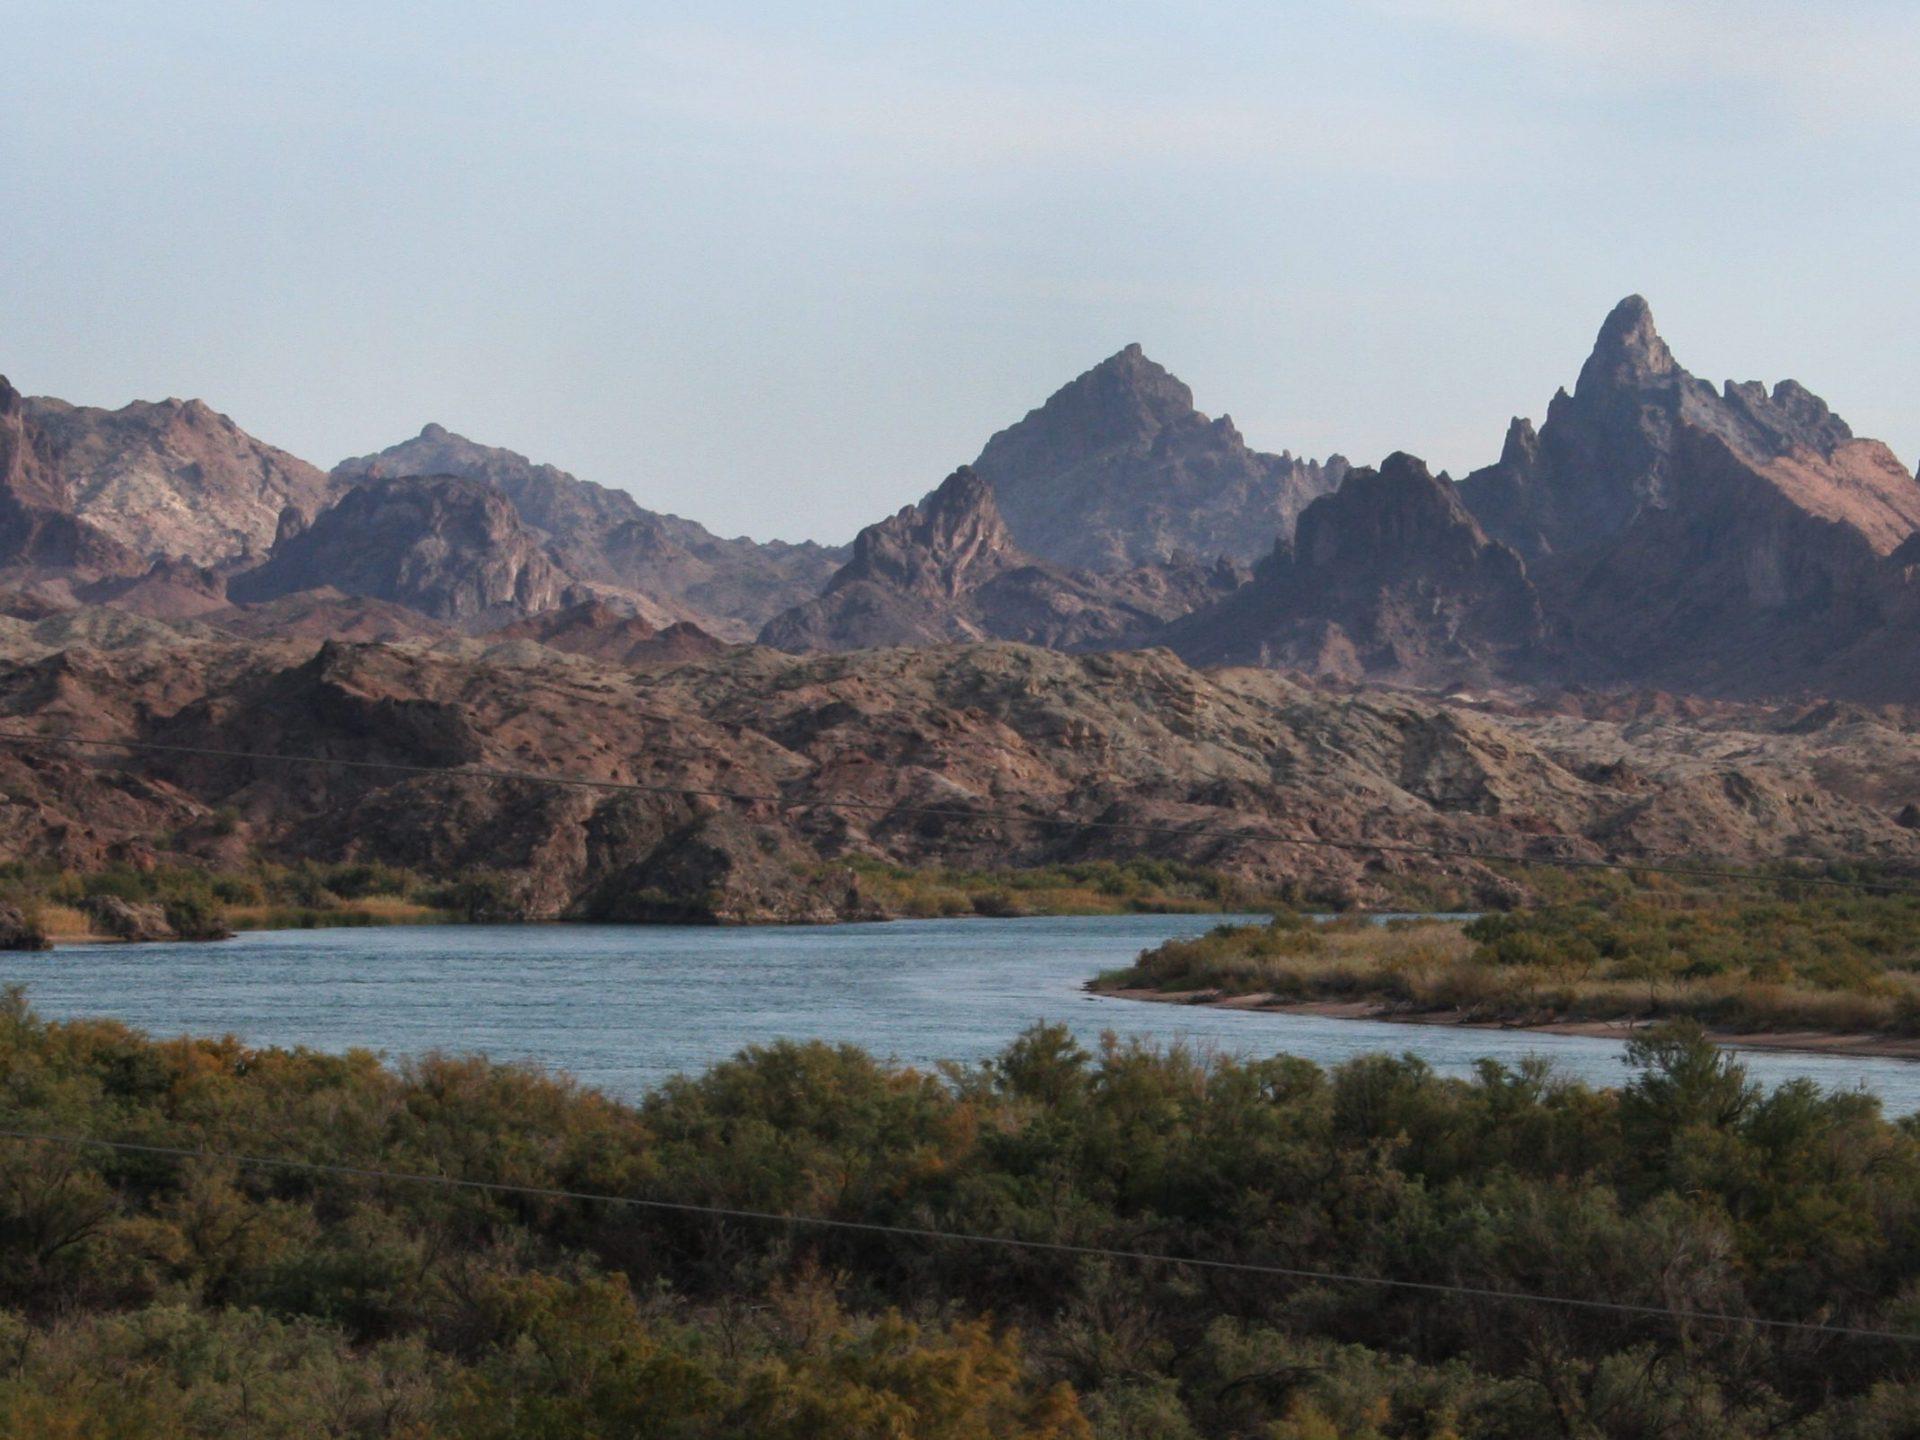 Landscape shot of a river